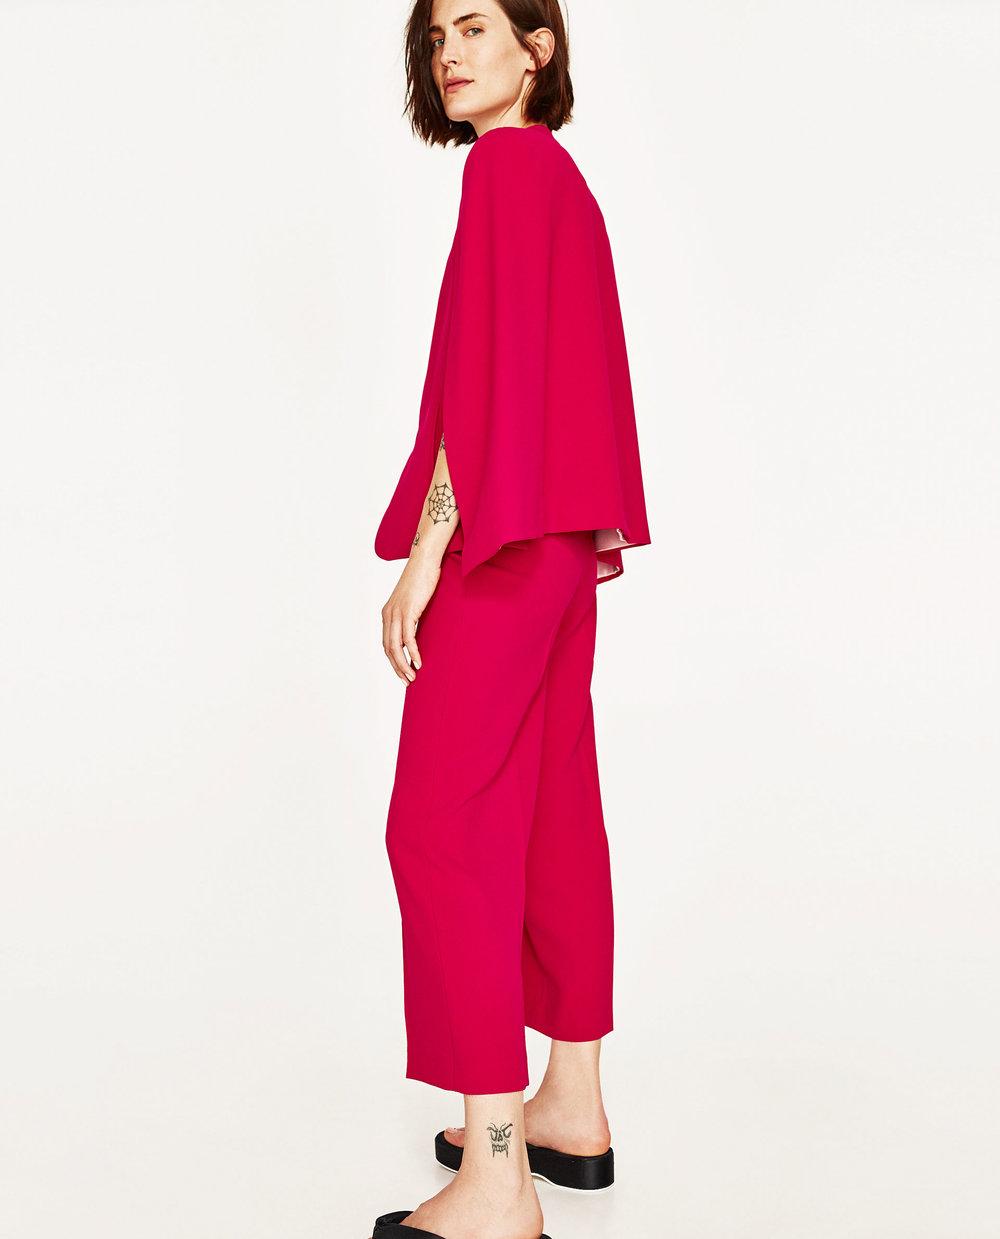 $35.90 - Zara Fuschia Culotte